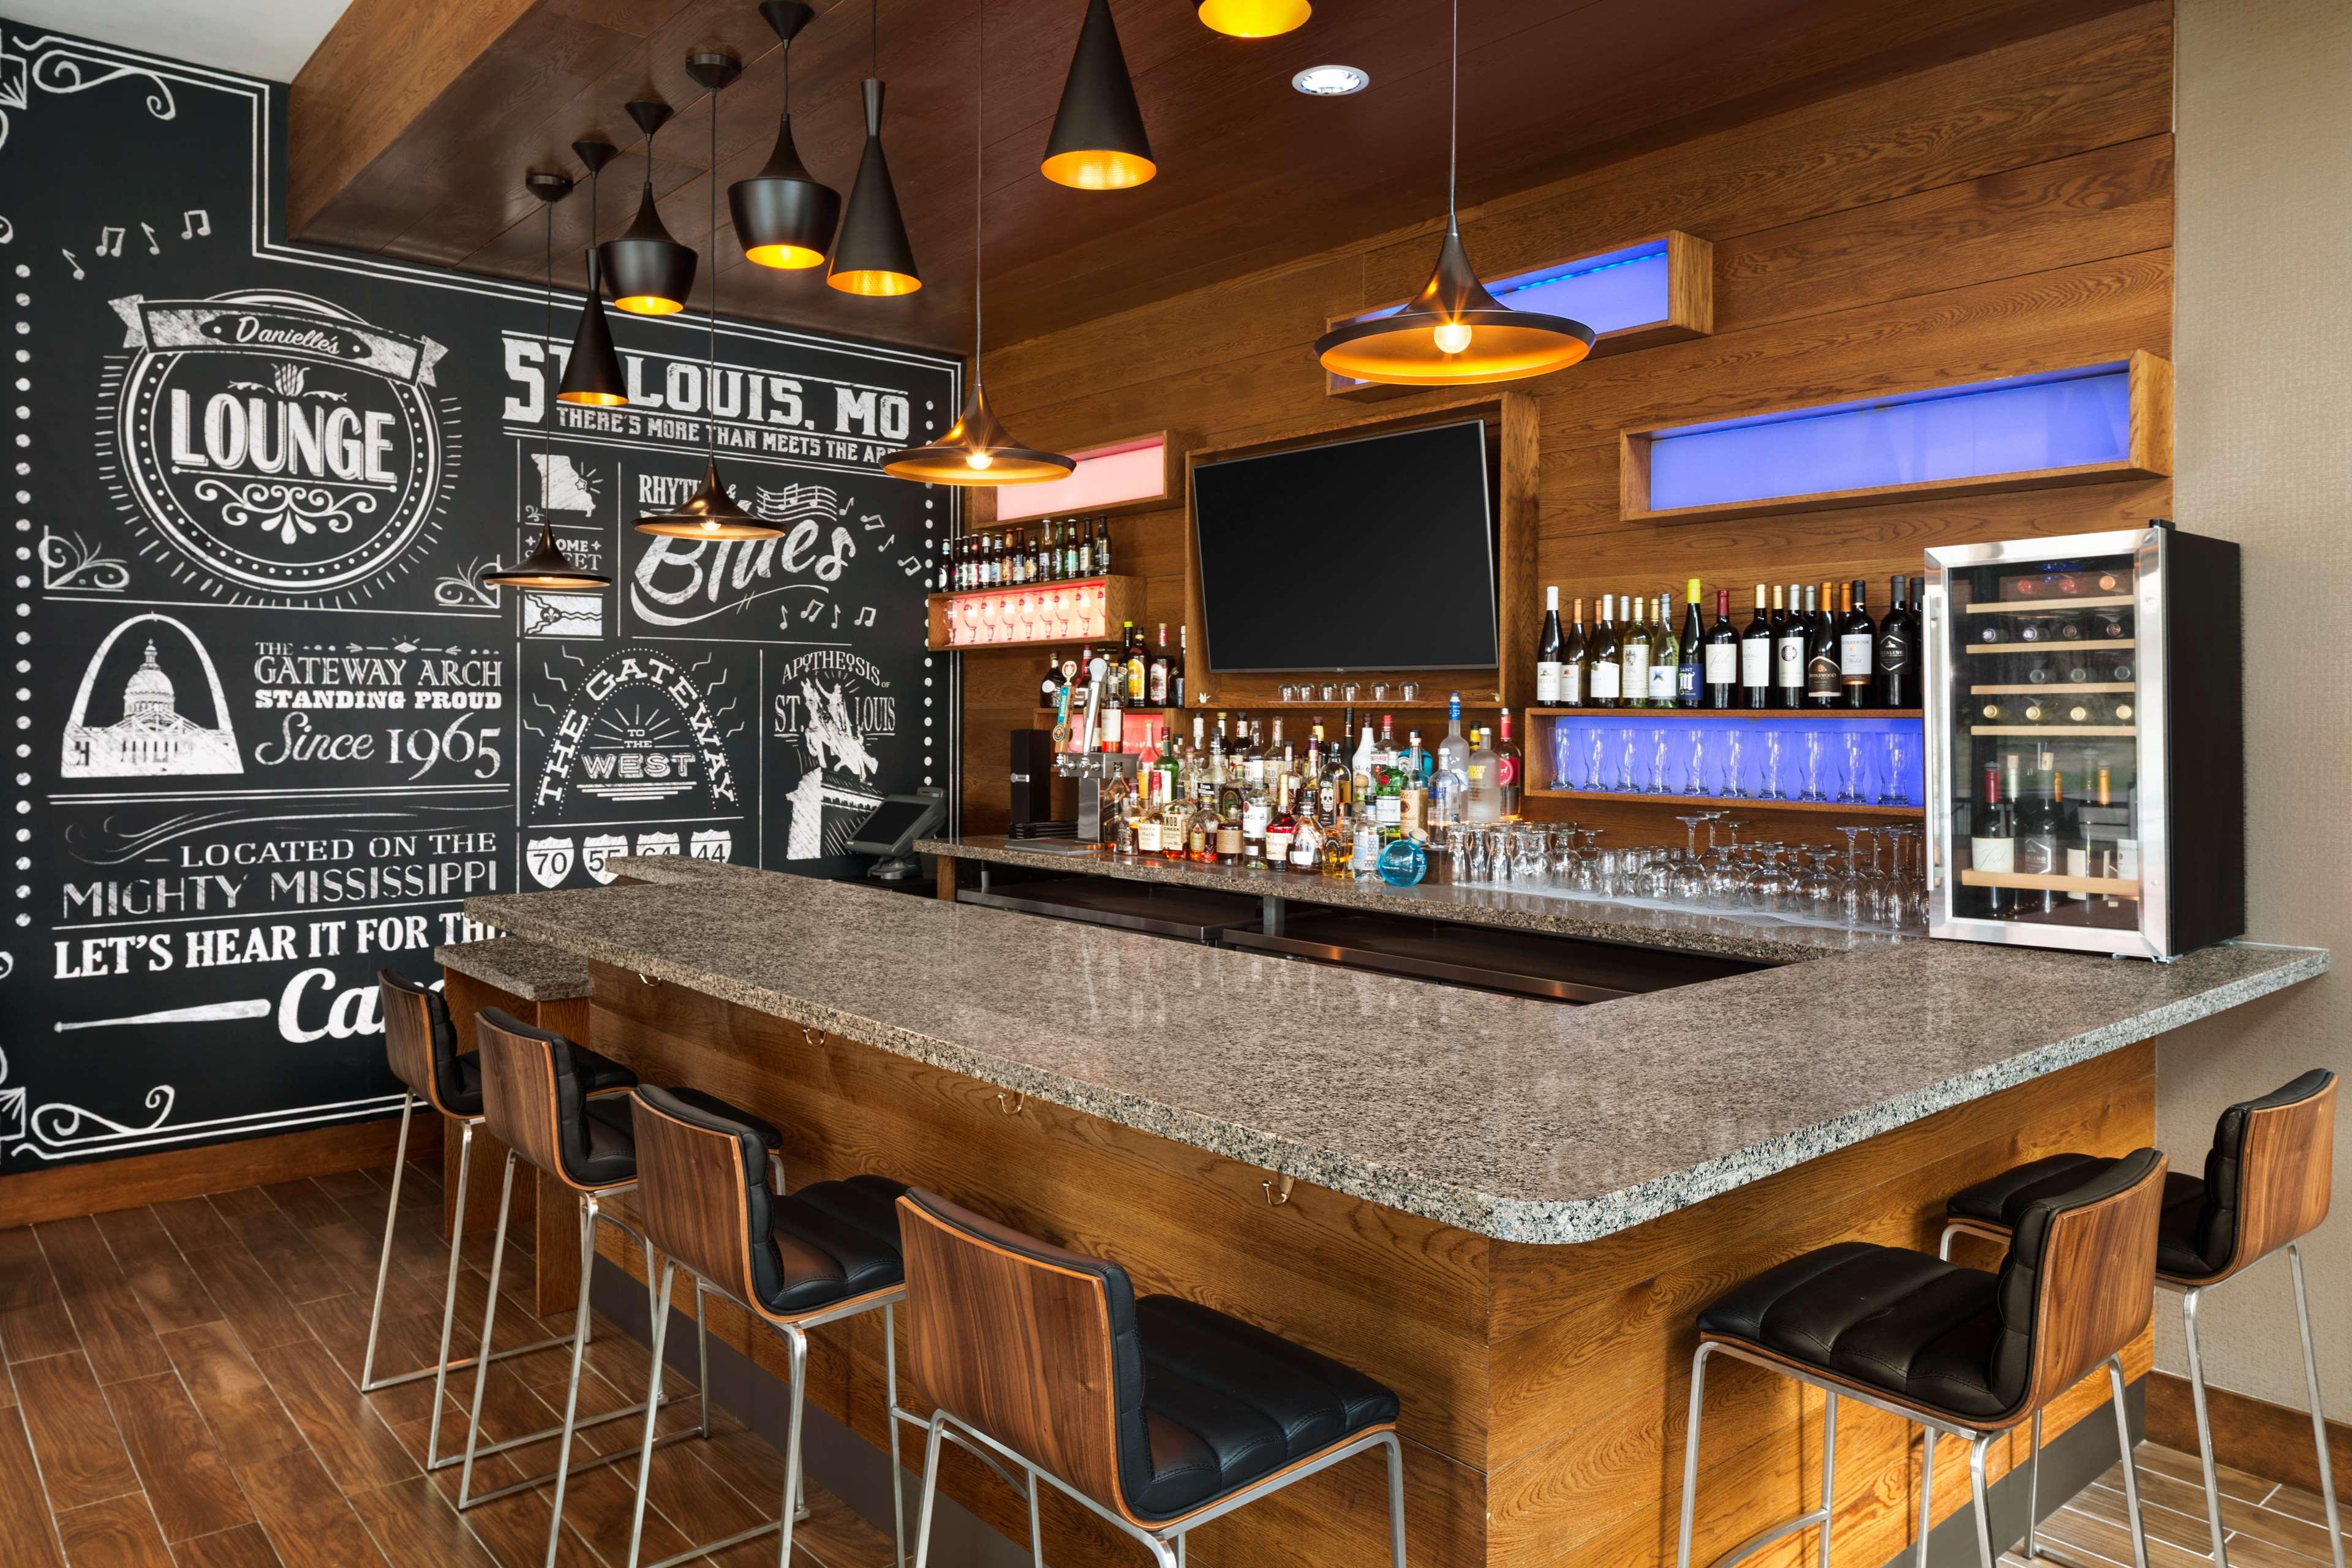 Hampton Inn and Suites Clayton/St Louis-Galleria Area image 32